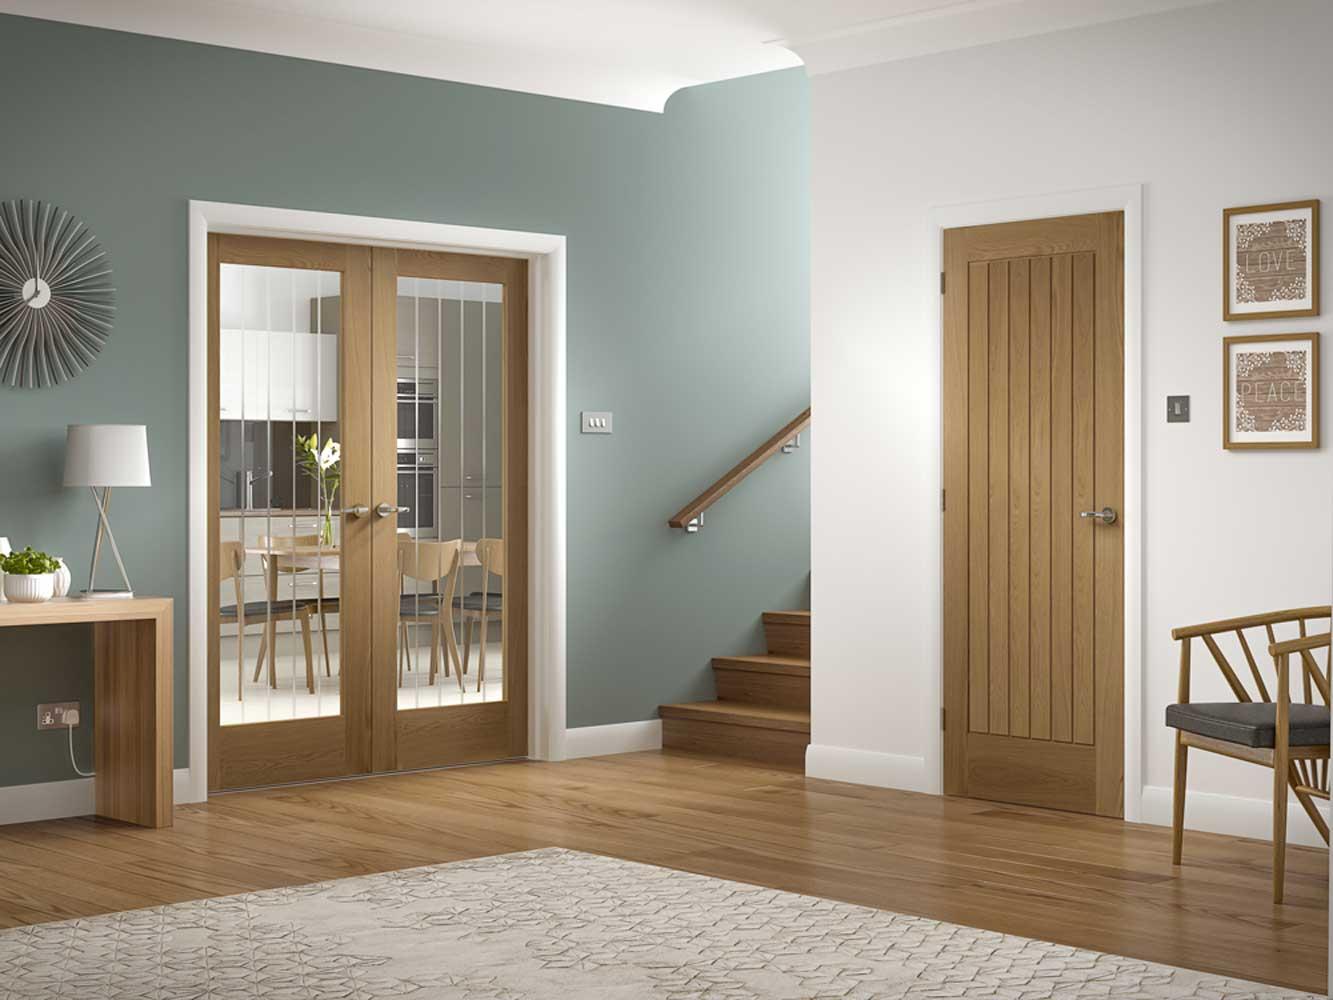 Suffolk Glazed Oak Interior Door Pair